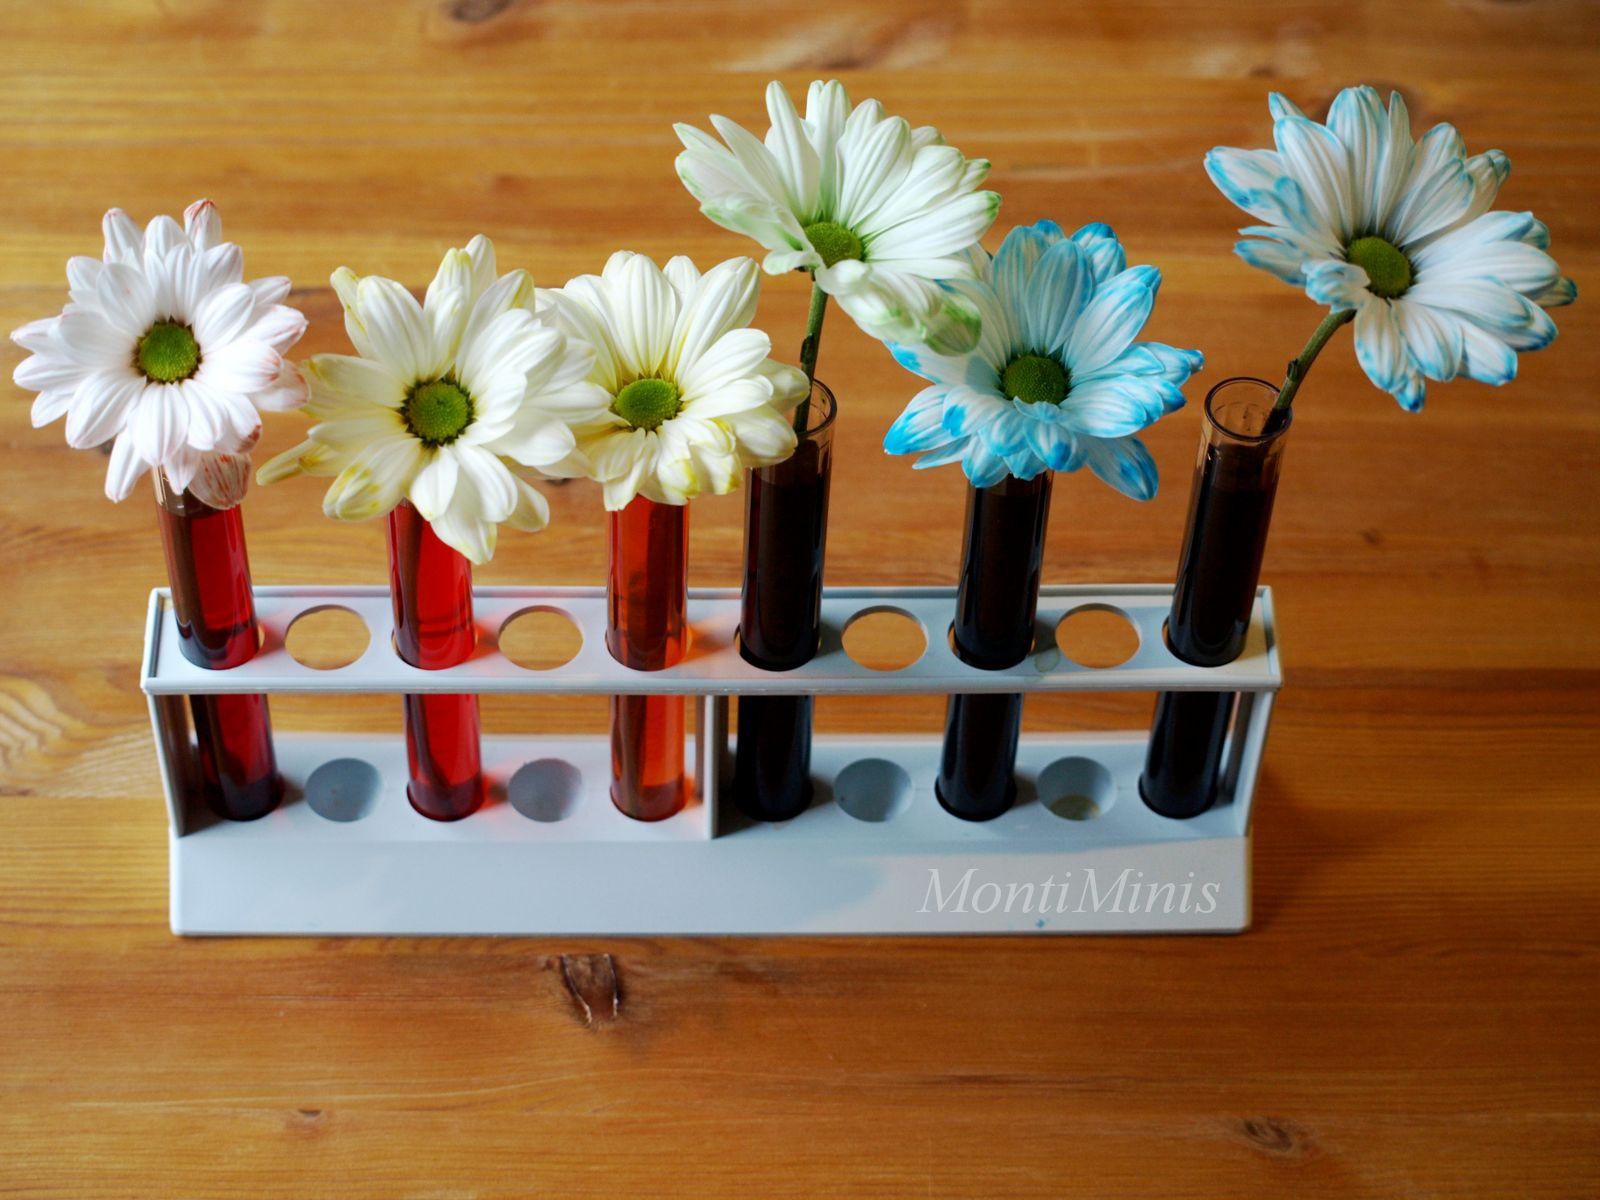 Ausgezeichnet Blumenexperiment Mit Lebensmittelfarbe Galerie ...